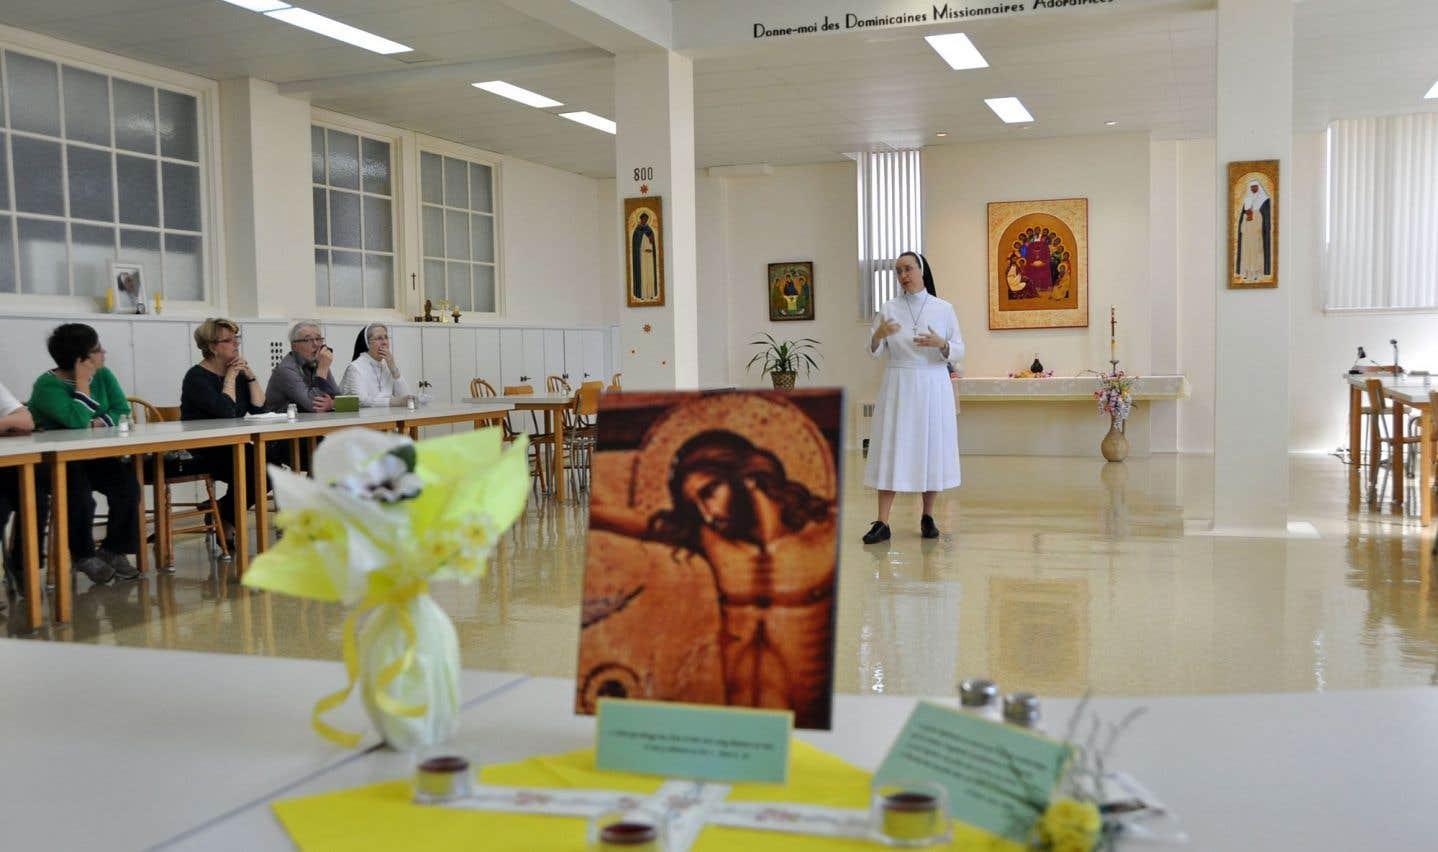 Journée «Au-delà des murs» chez les Dominicaines missionnaires adoratrices